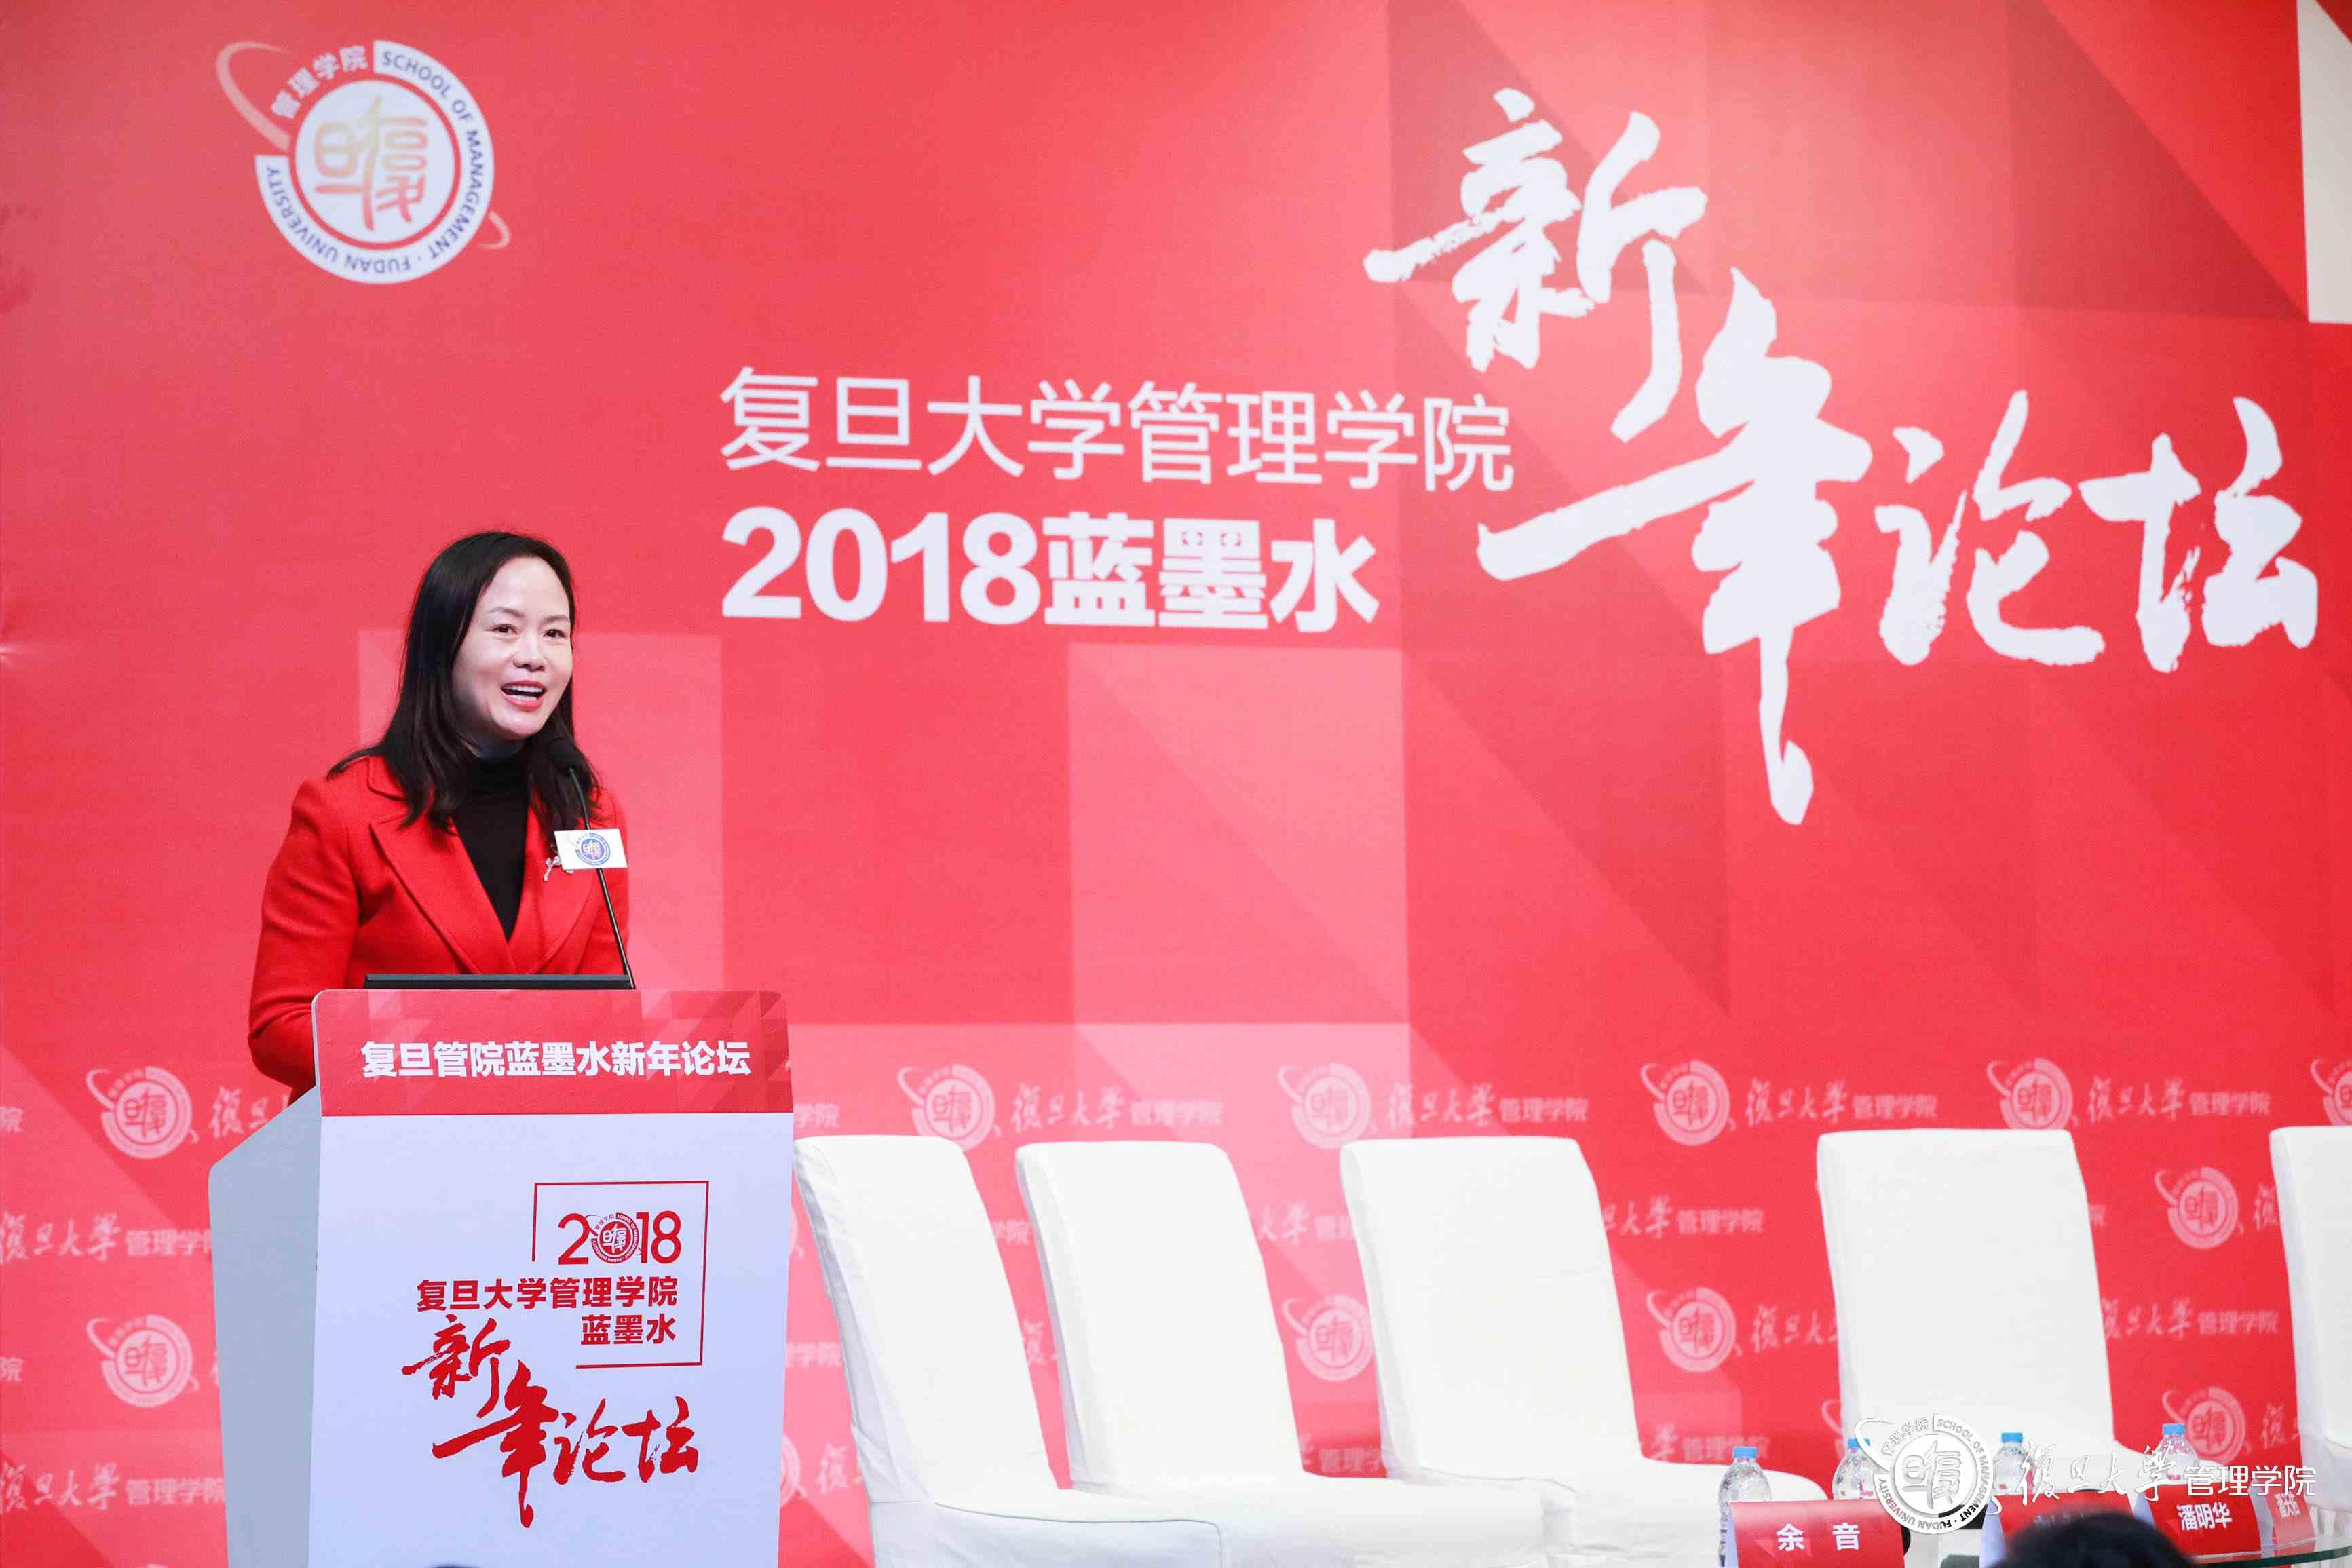 张小璐:安永大中华区咨询服务主管合伙人